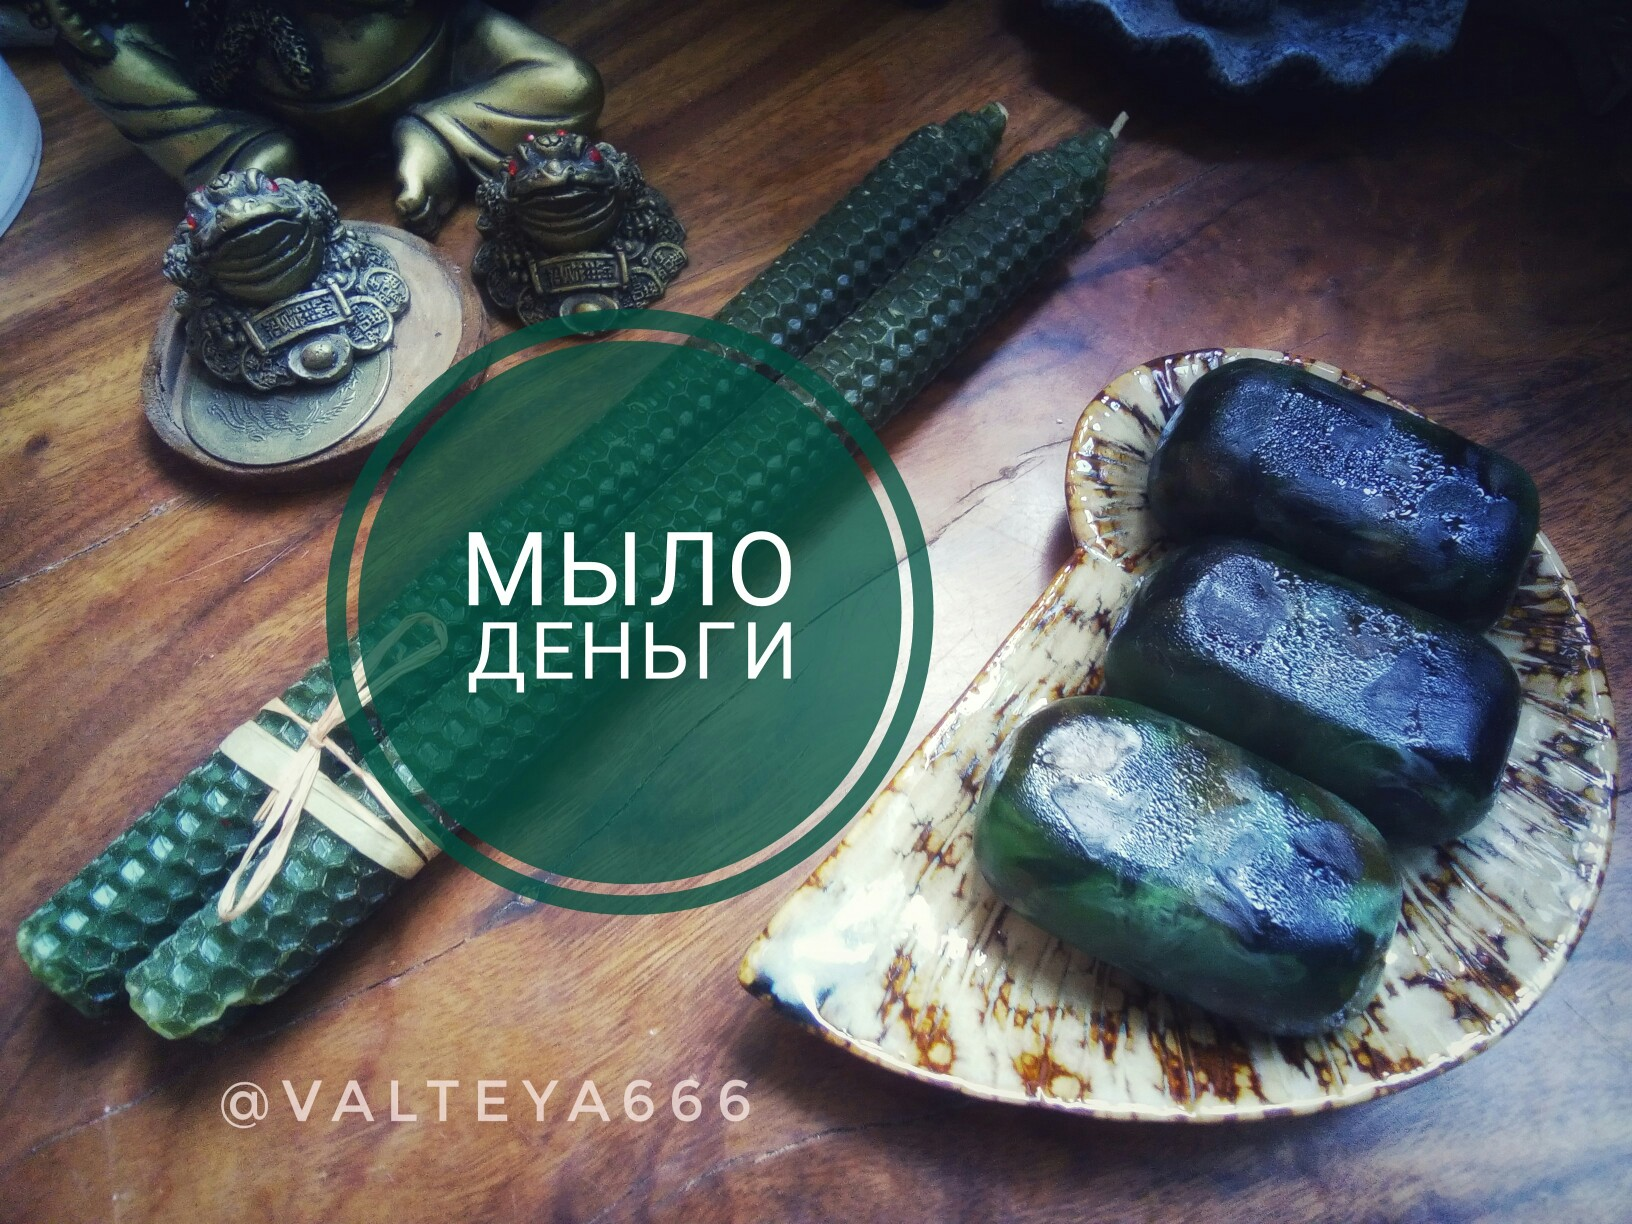 очарование - Программное мыло ручной работы от Елены Руденко - Страница 2 W8z-a-S7W5s